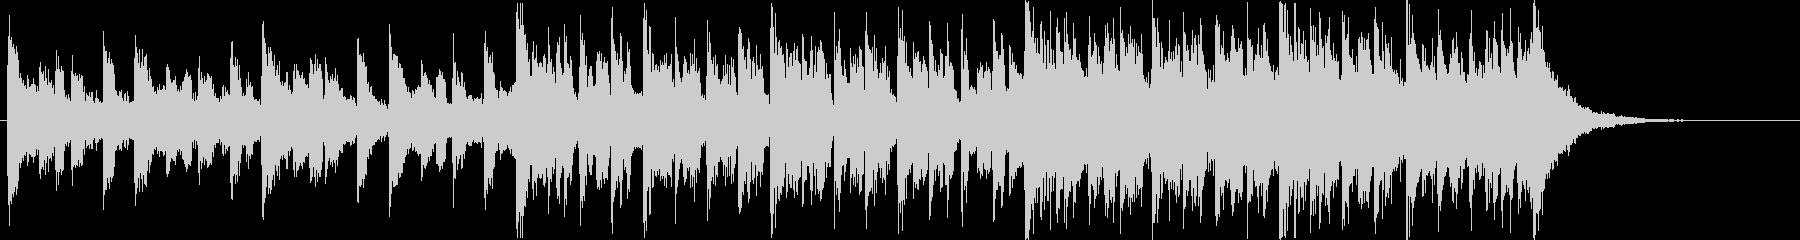 シンセサイザー、ピアノ、ベース、パ...の未再生の波形